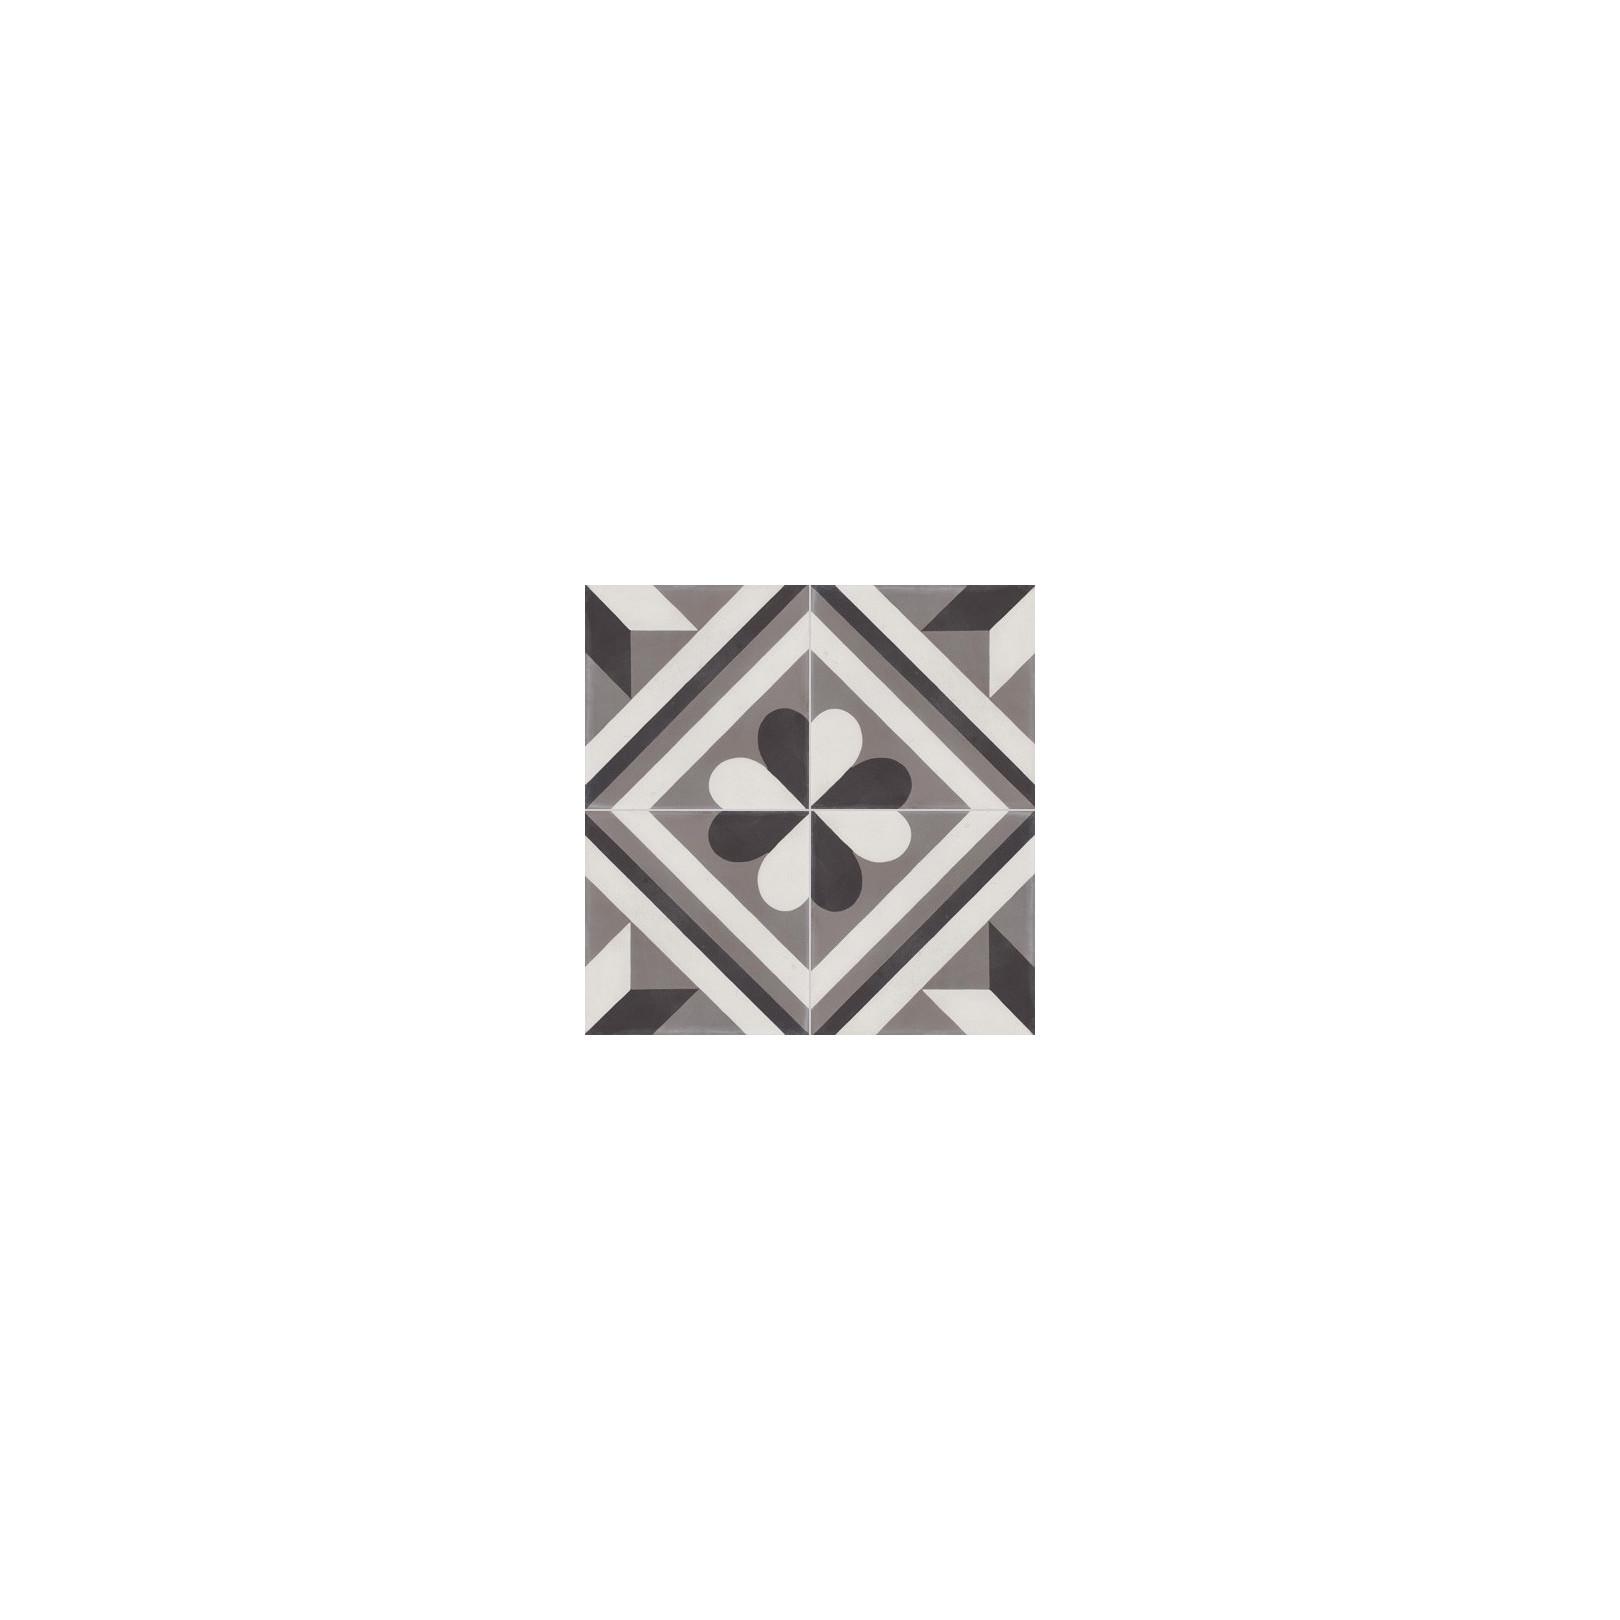 Carreau de ciment coloré motif 4 carreaux gris, blanc et noir BAILLY 10.01.27